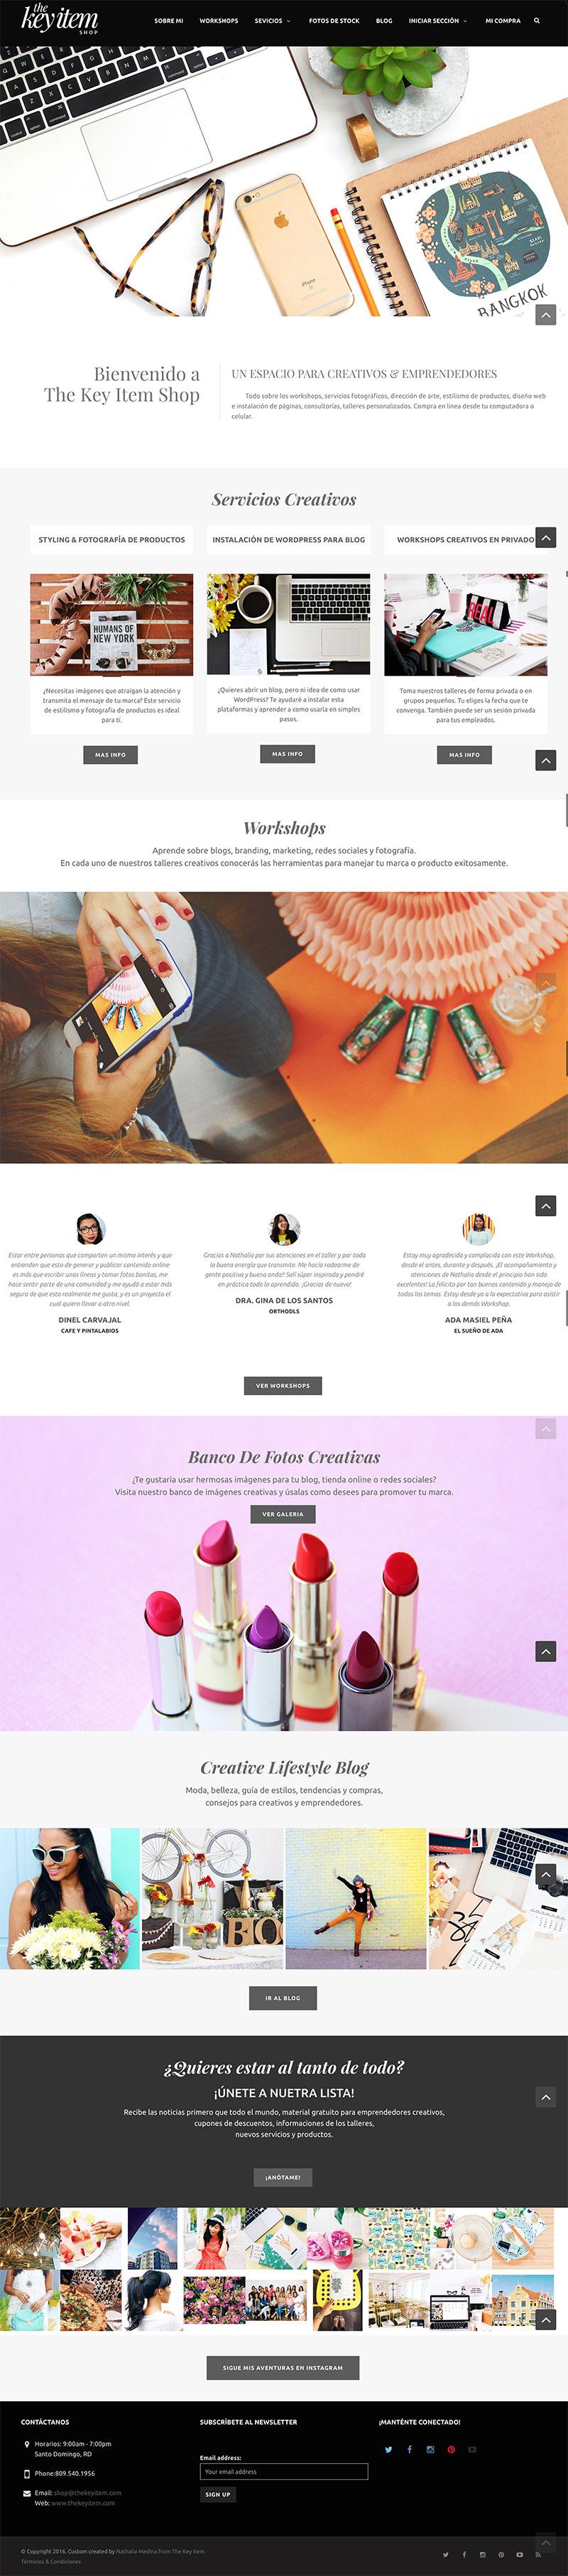 Nueva Tienda Virtual para creativos y emprendedores. En The Key Item Shop encontrarás servicios fotográficos, fotos en stock, consultorias y talleres.